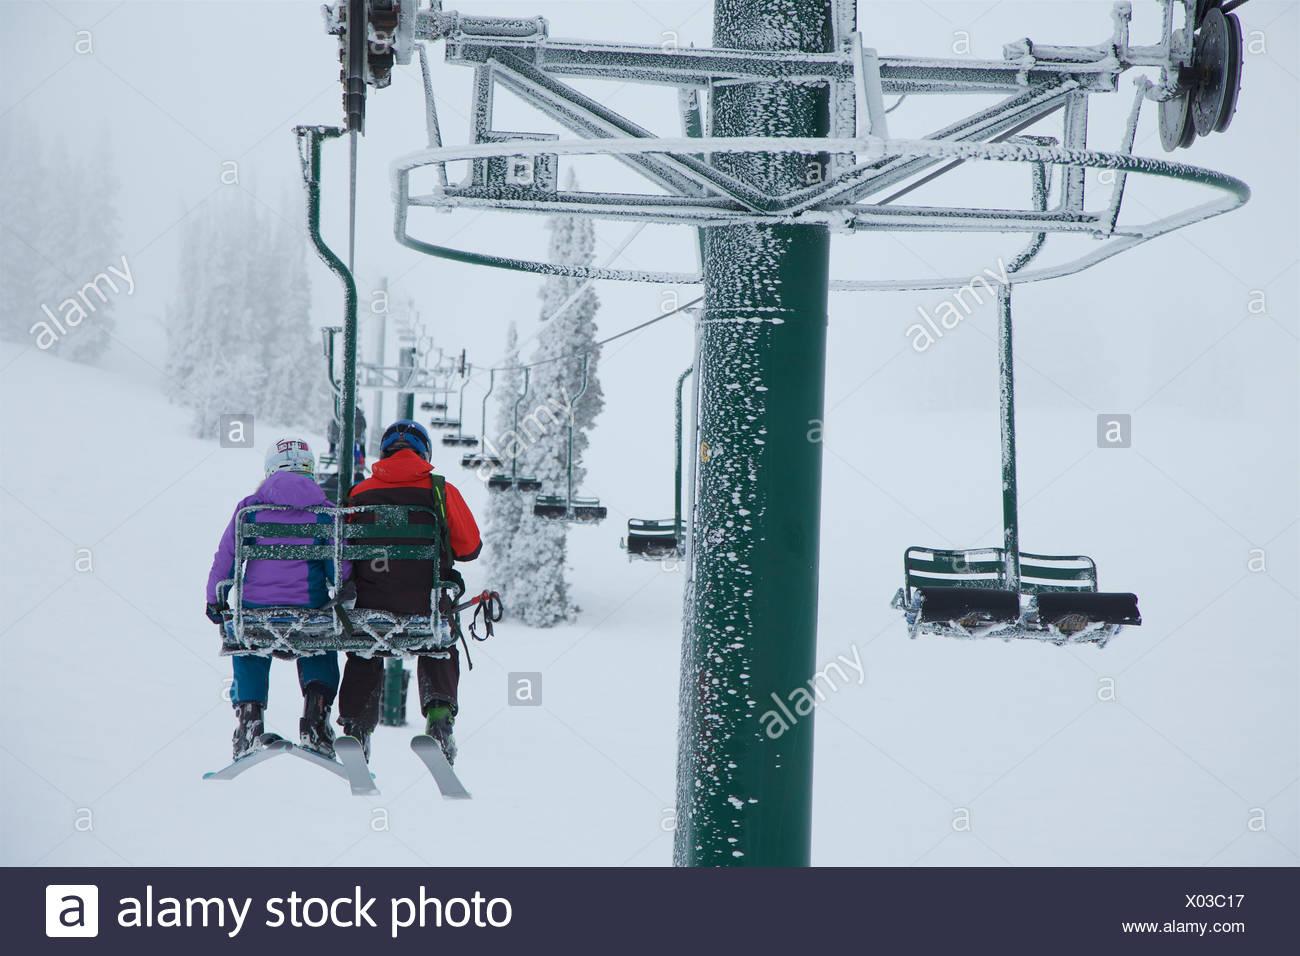 Geschwister, die Sesselbahn Skifahren in stürmischen Bedingungen zu gehen. Stockbild